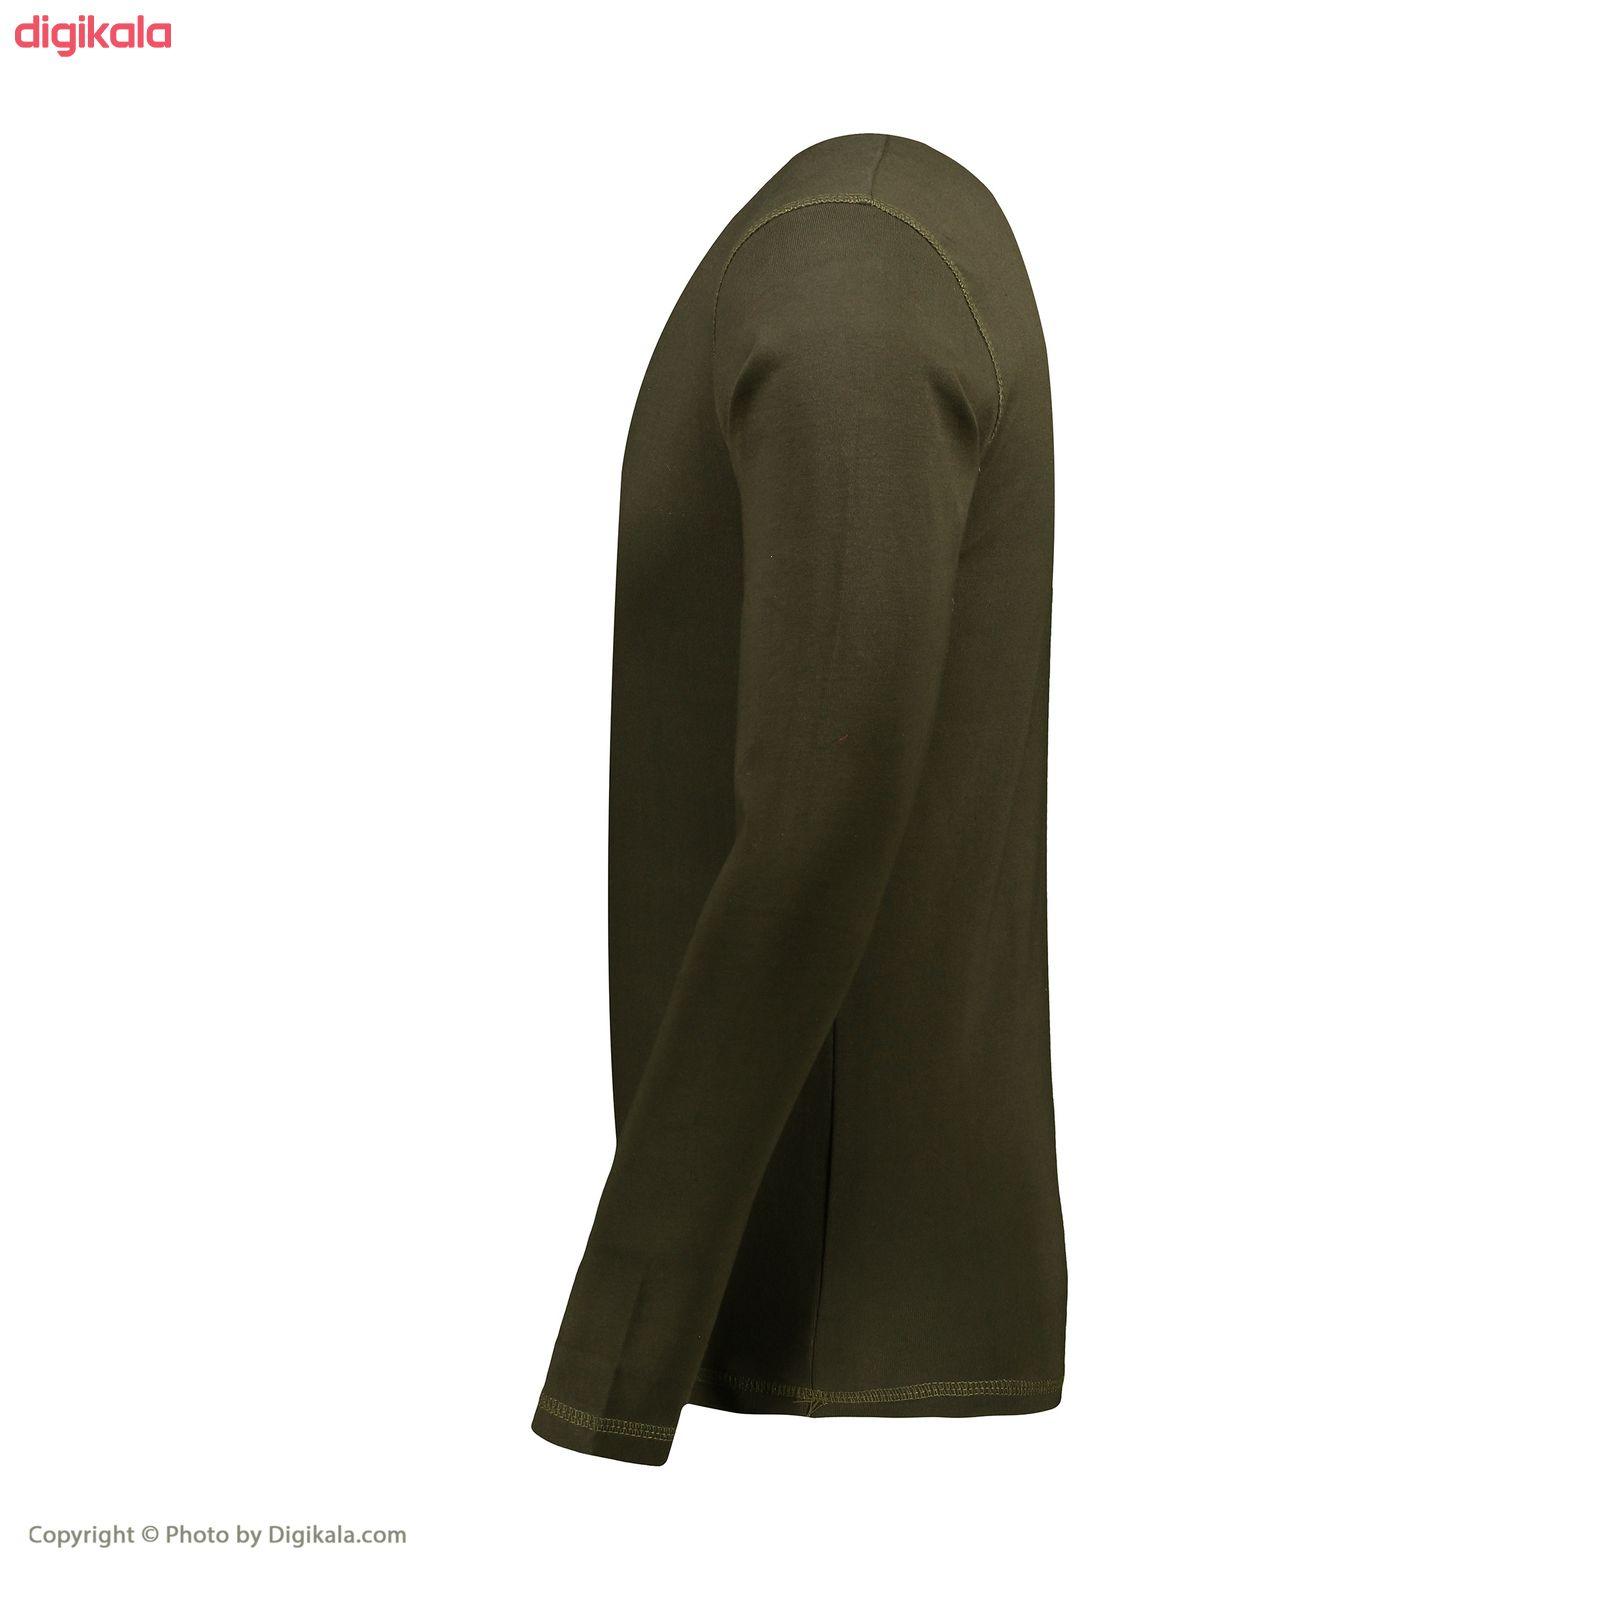 تیشرت آستین بلند مردانه پاتیلوک طرح رئال مادرید کد 330571 main 1 2